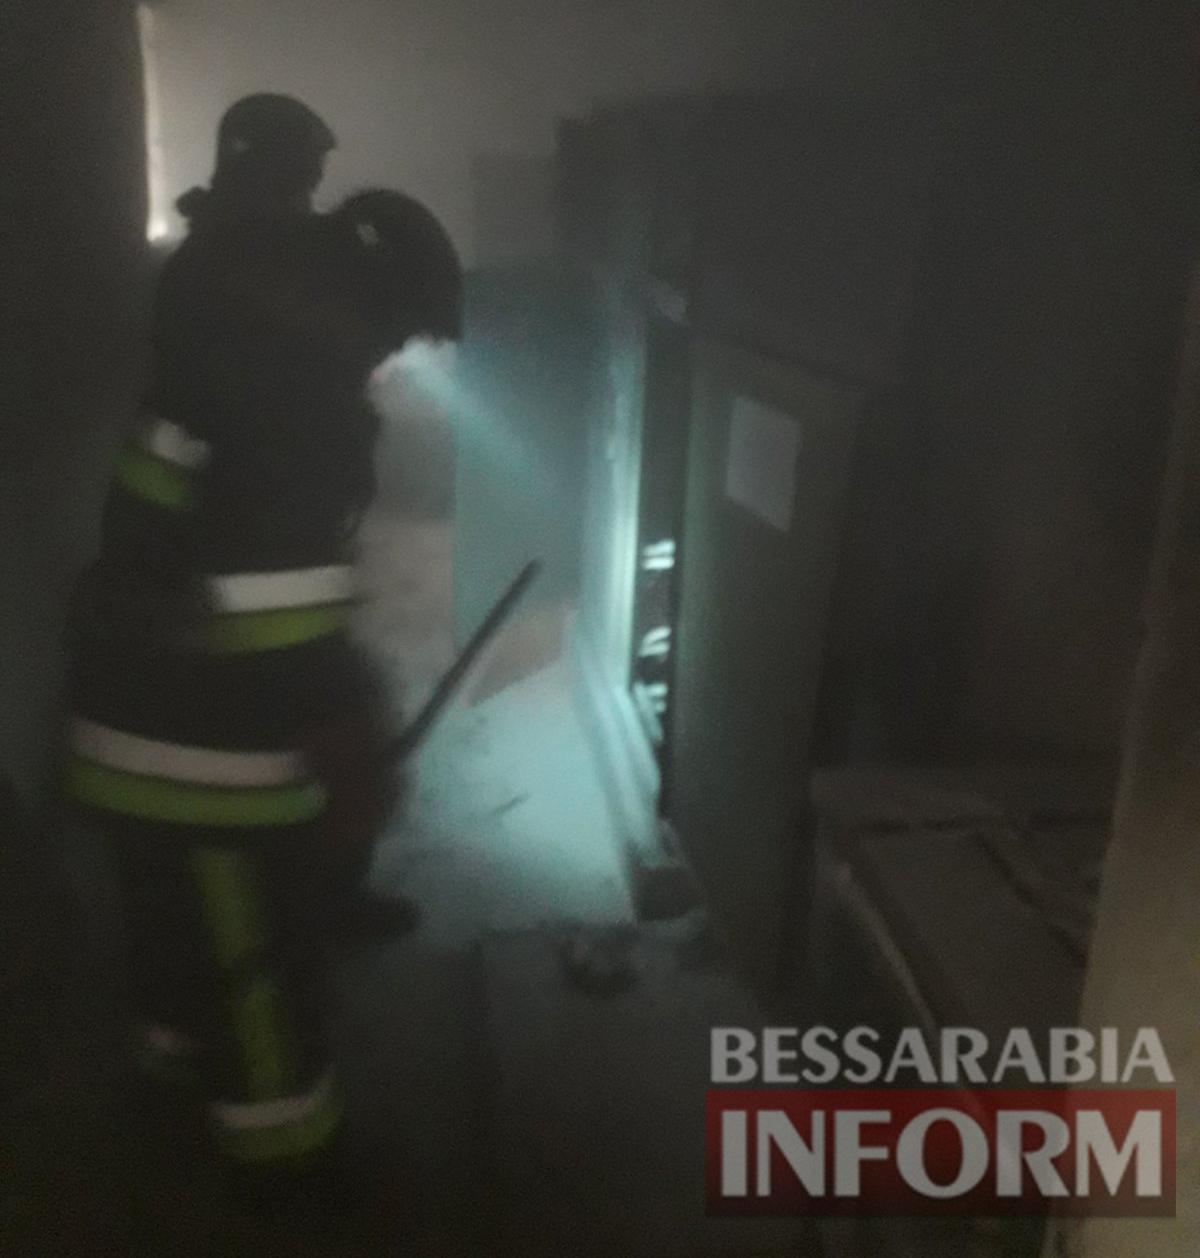 В пристройке к Килийской гимназии возник пожар в электрощитовой. Обошлось без пострадавших, но учеников эвакуировали